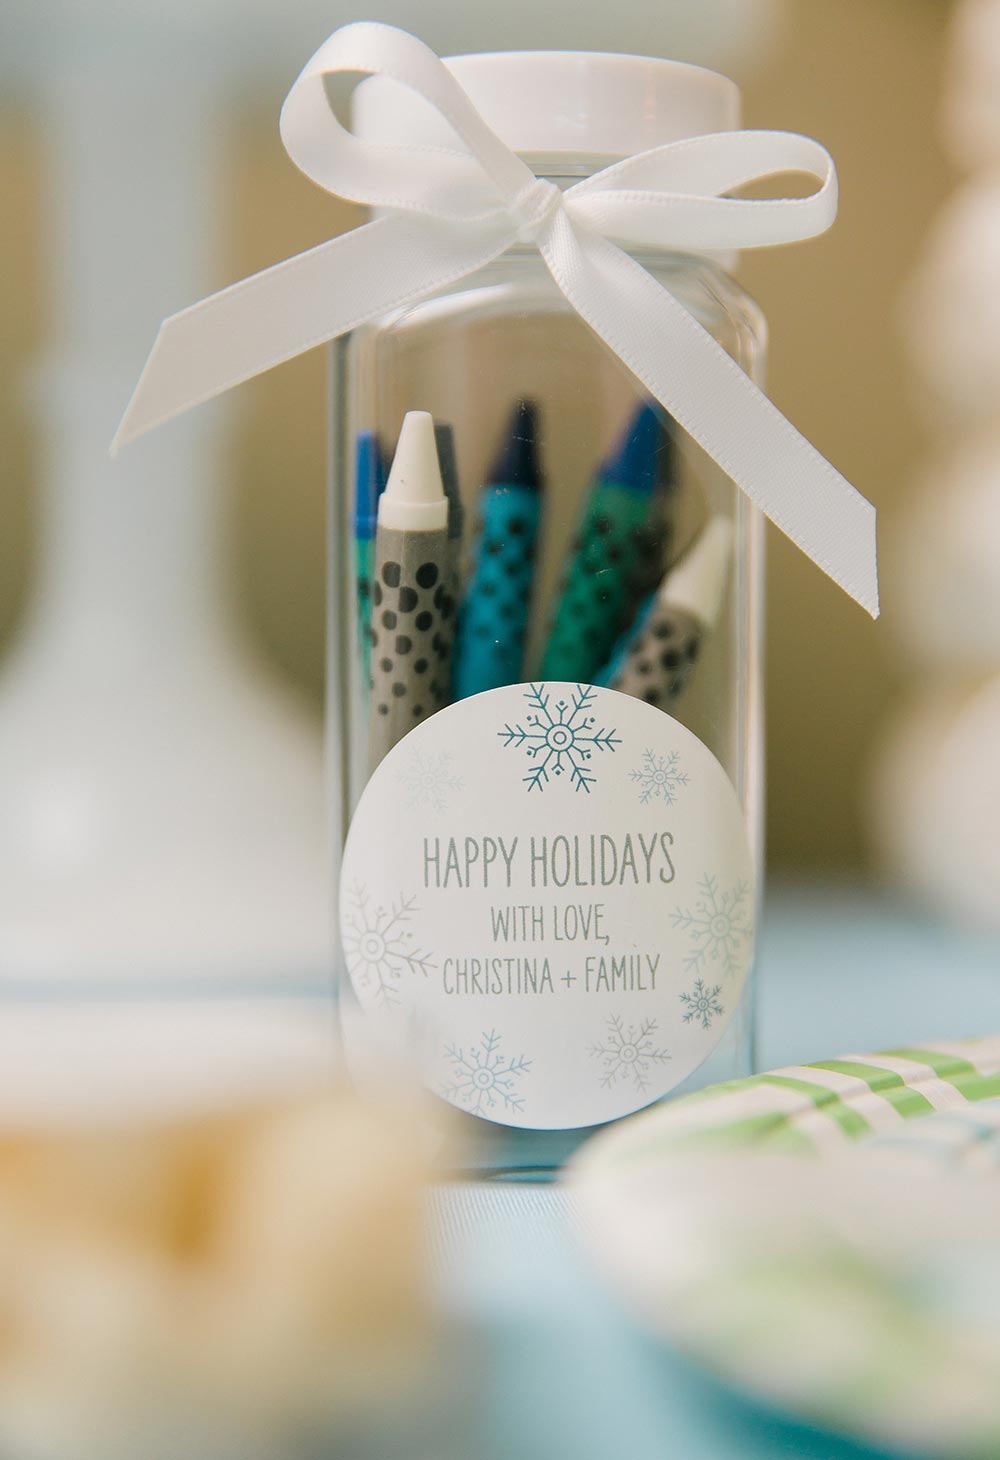 Giz de cera para escrever os desejos e objetos para o próximo ano!